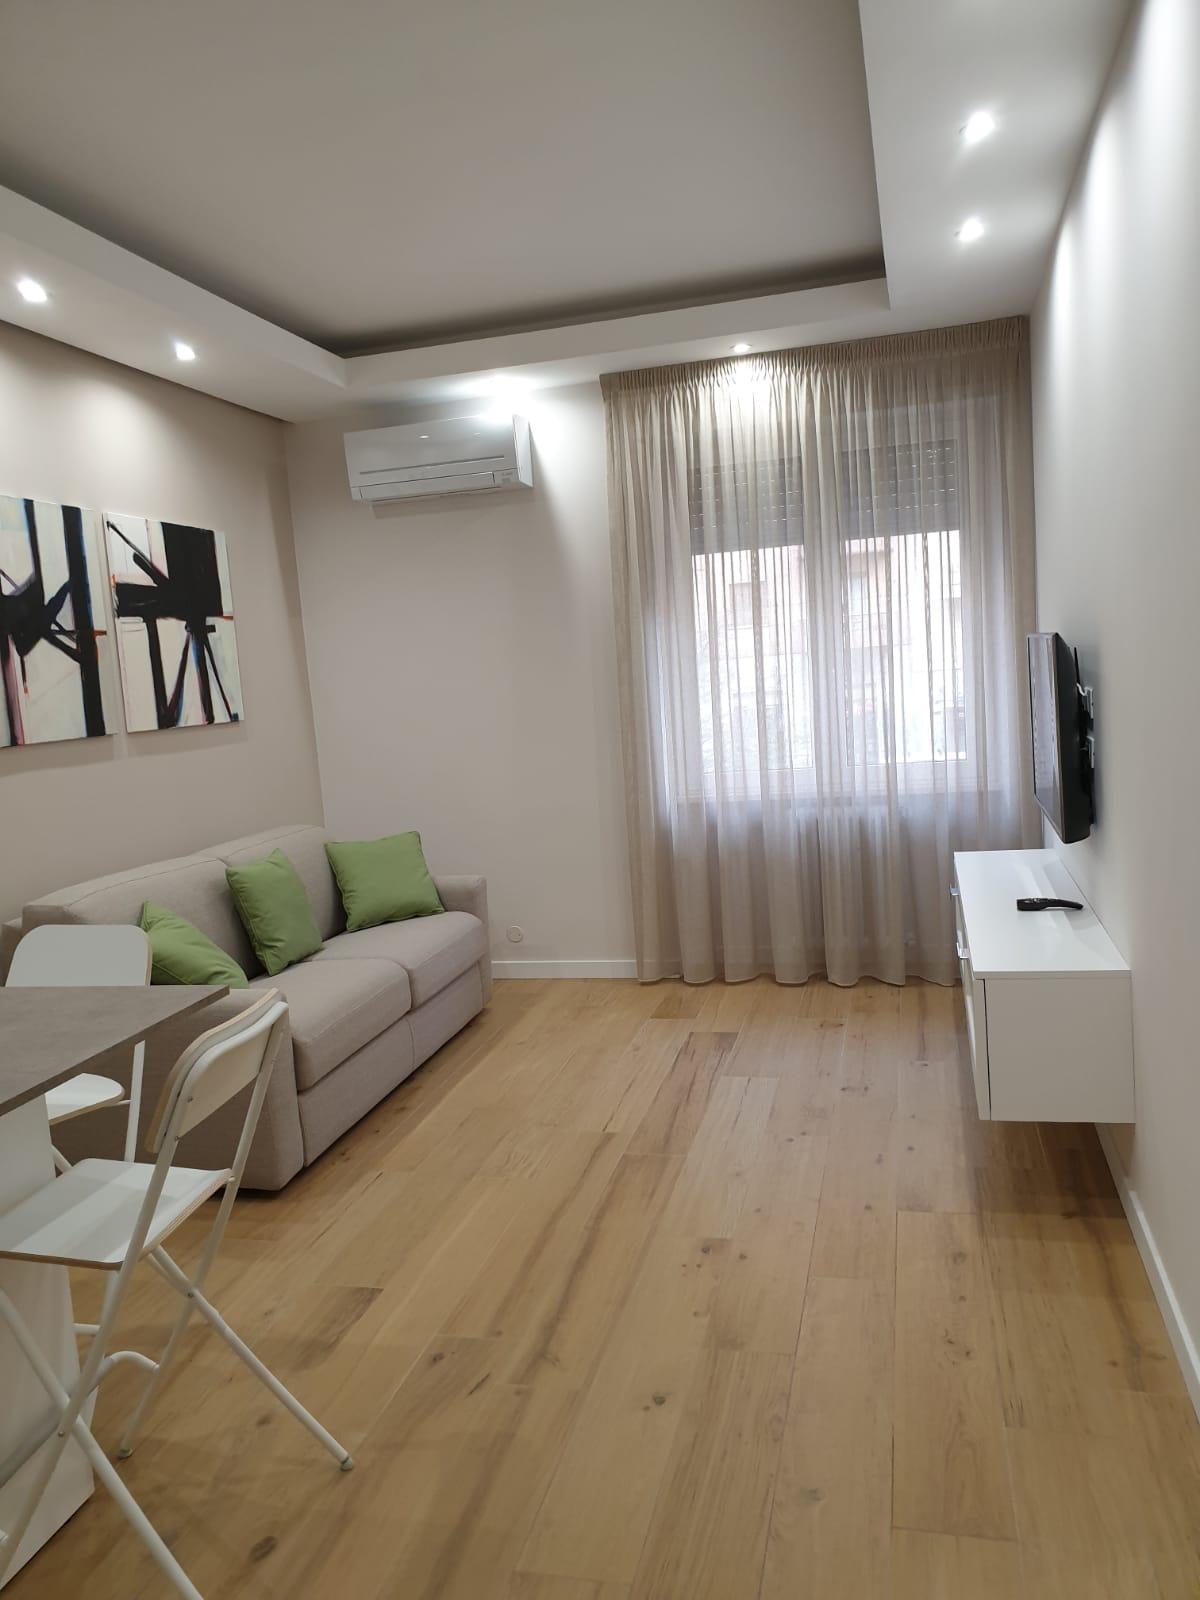 Case e appartamenti per vacanze e/o in affitto a breve termine a Roma